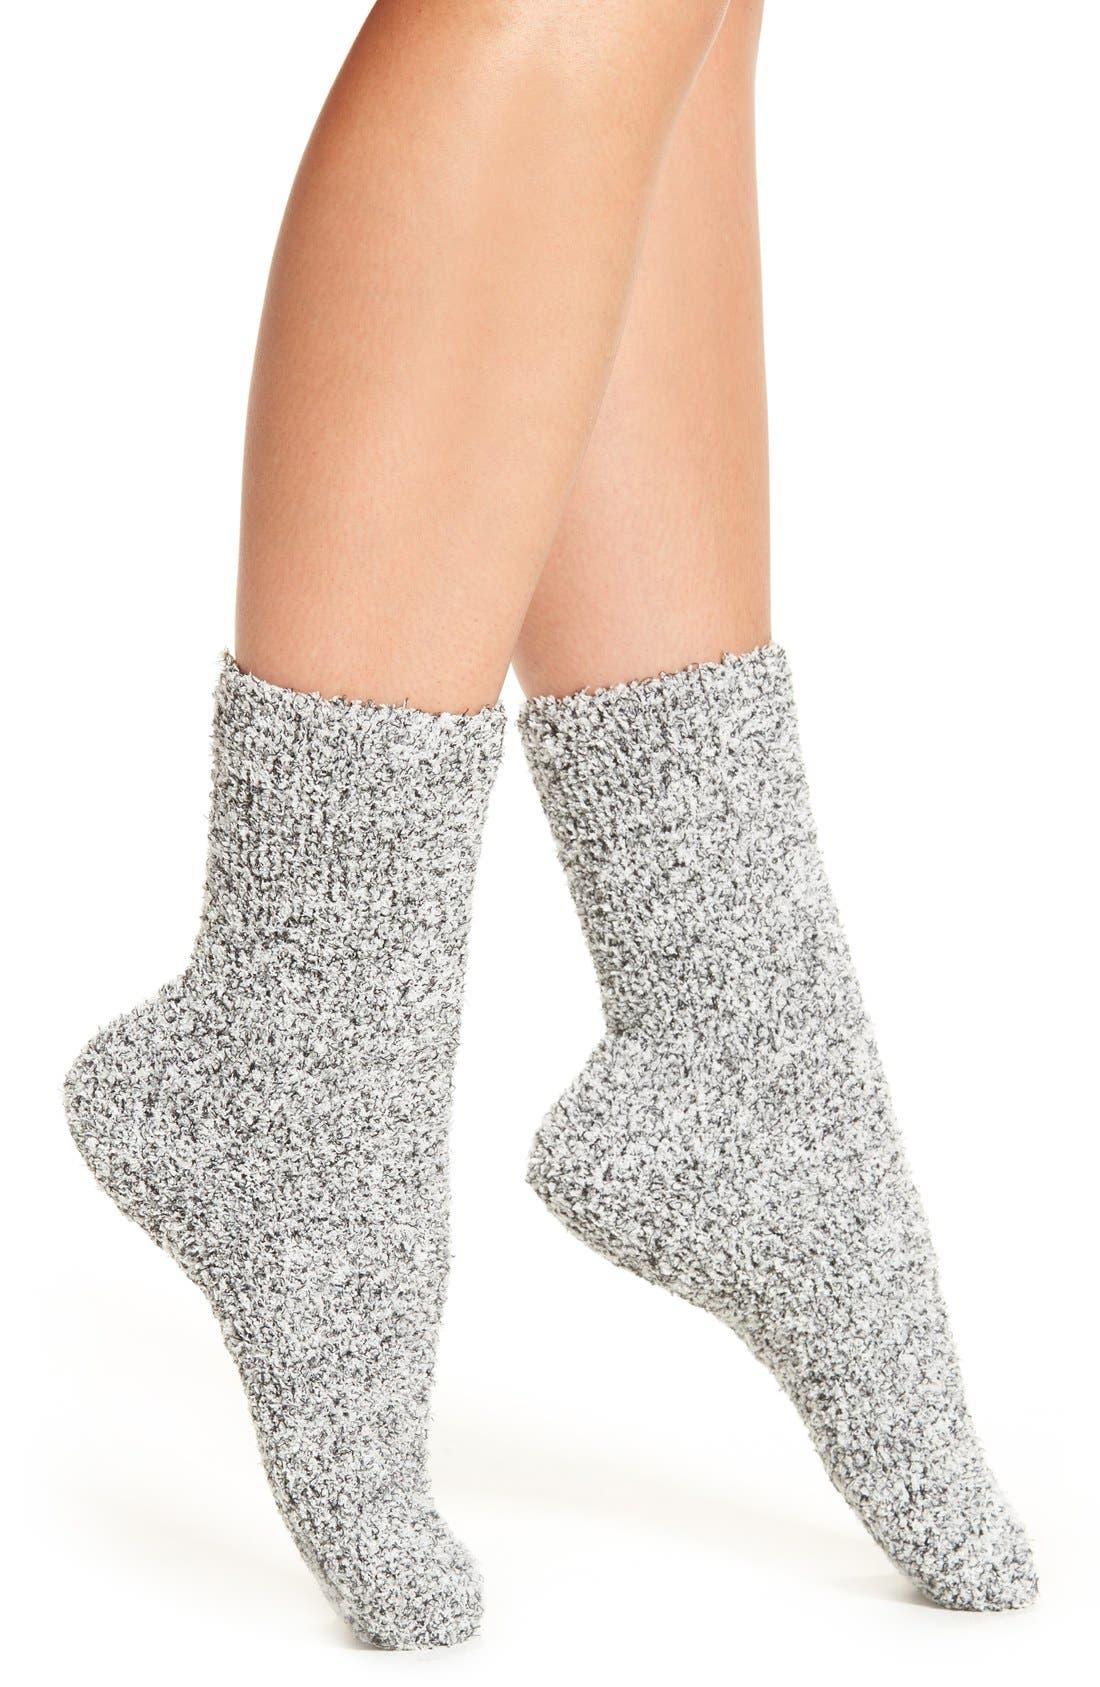 Butter Slipper Socks,                         Main,                         color, Black Marled